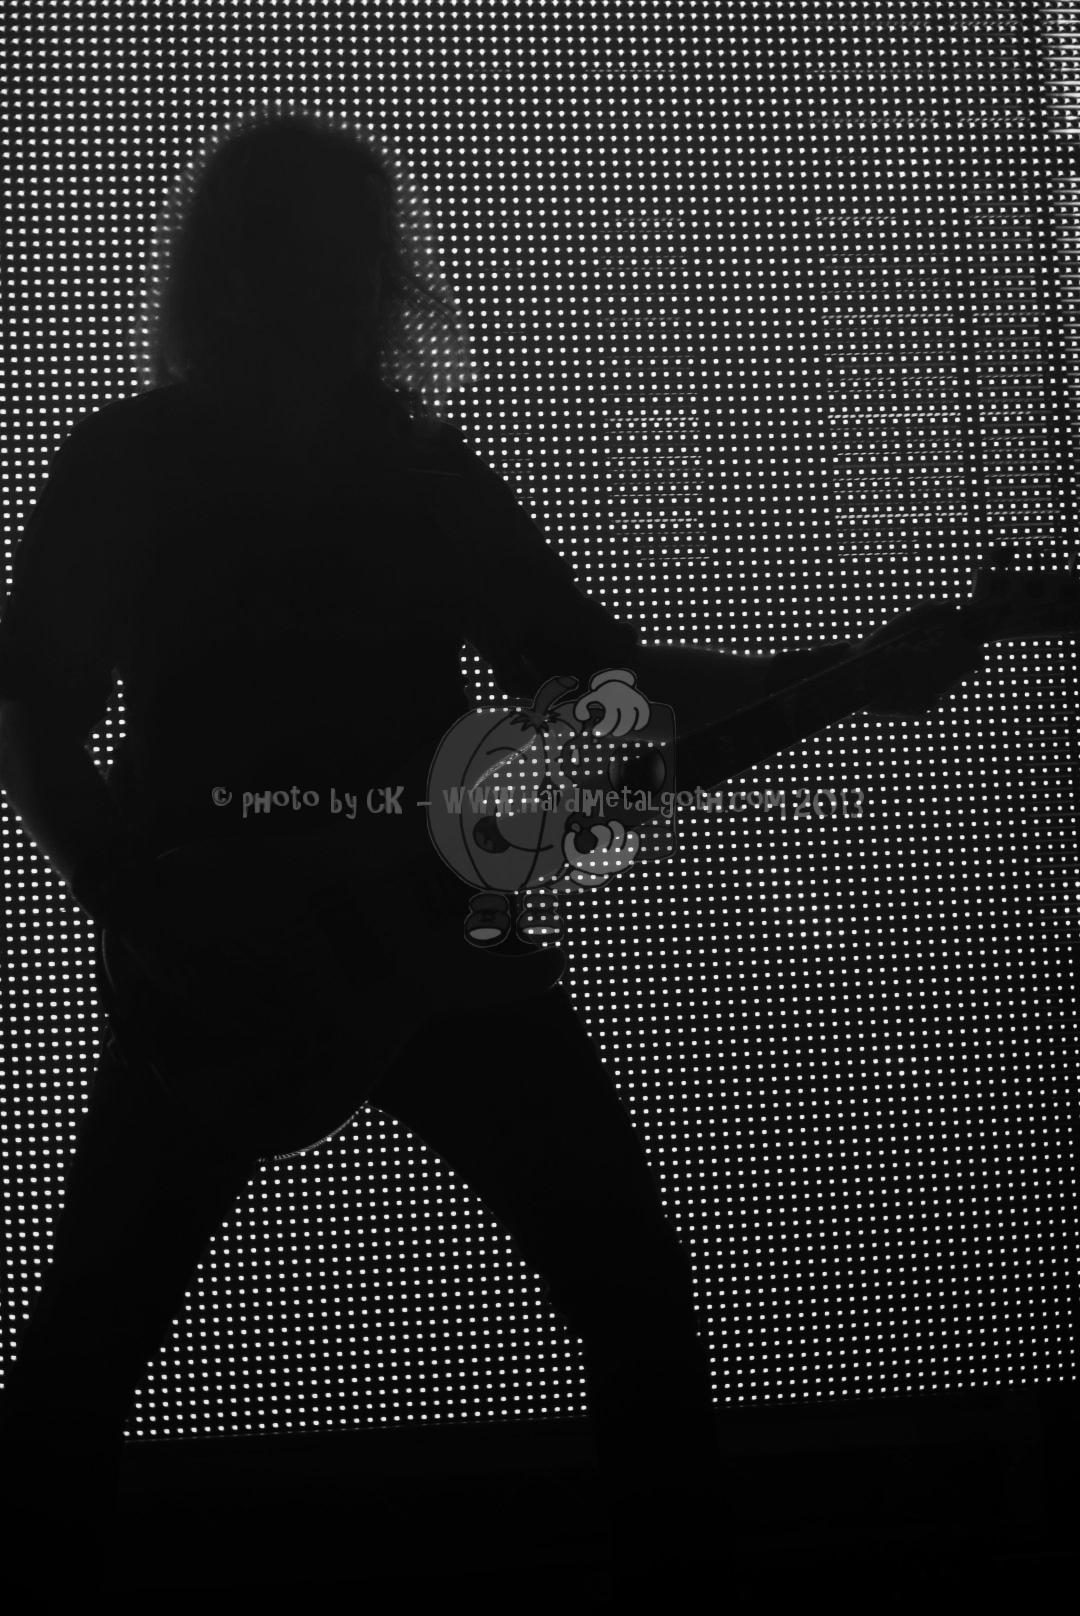 Megadeth_15.jpg